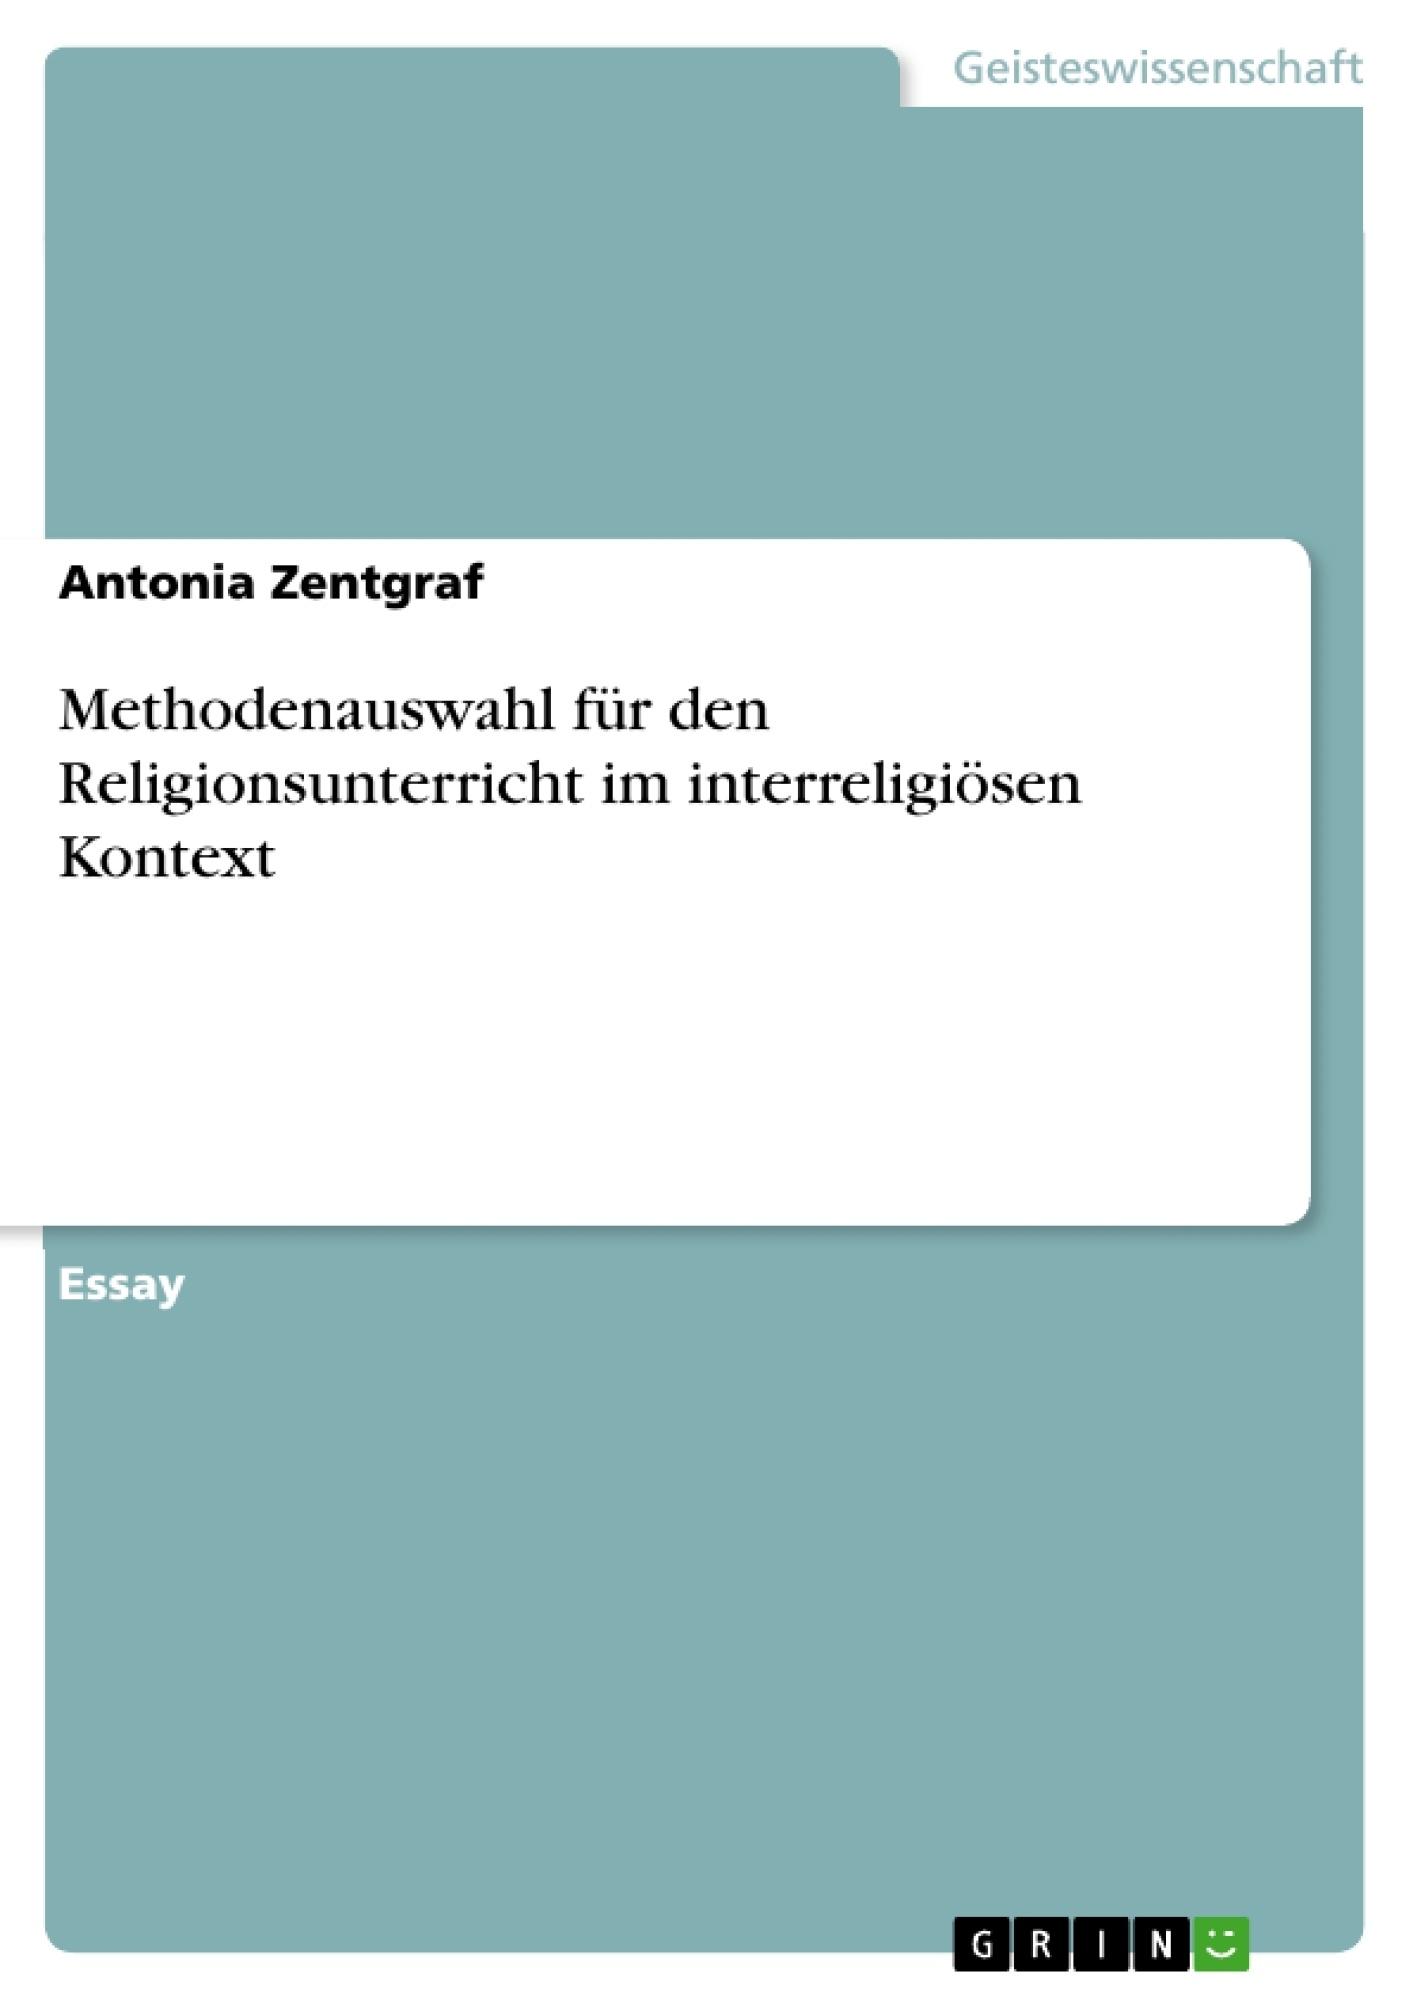 Titel: Methodenauswahl für den Religionsunterricht im interreligiösen Kontext